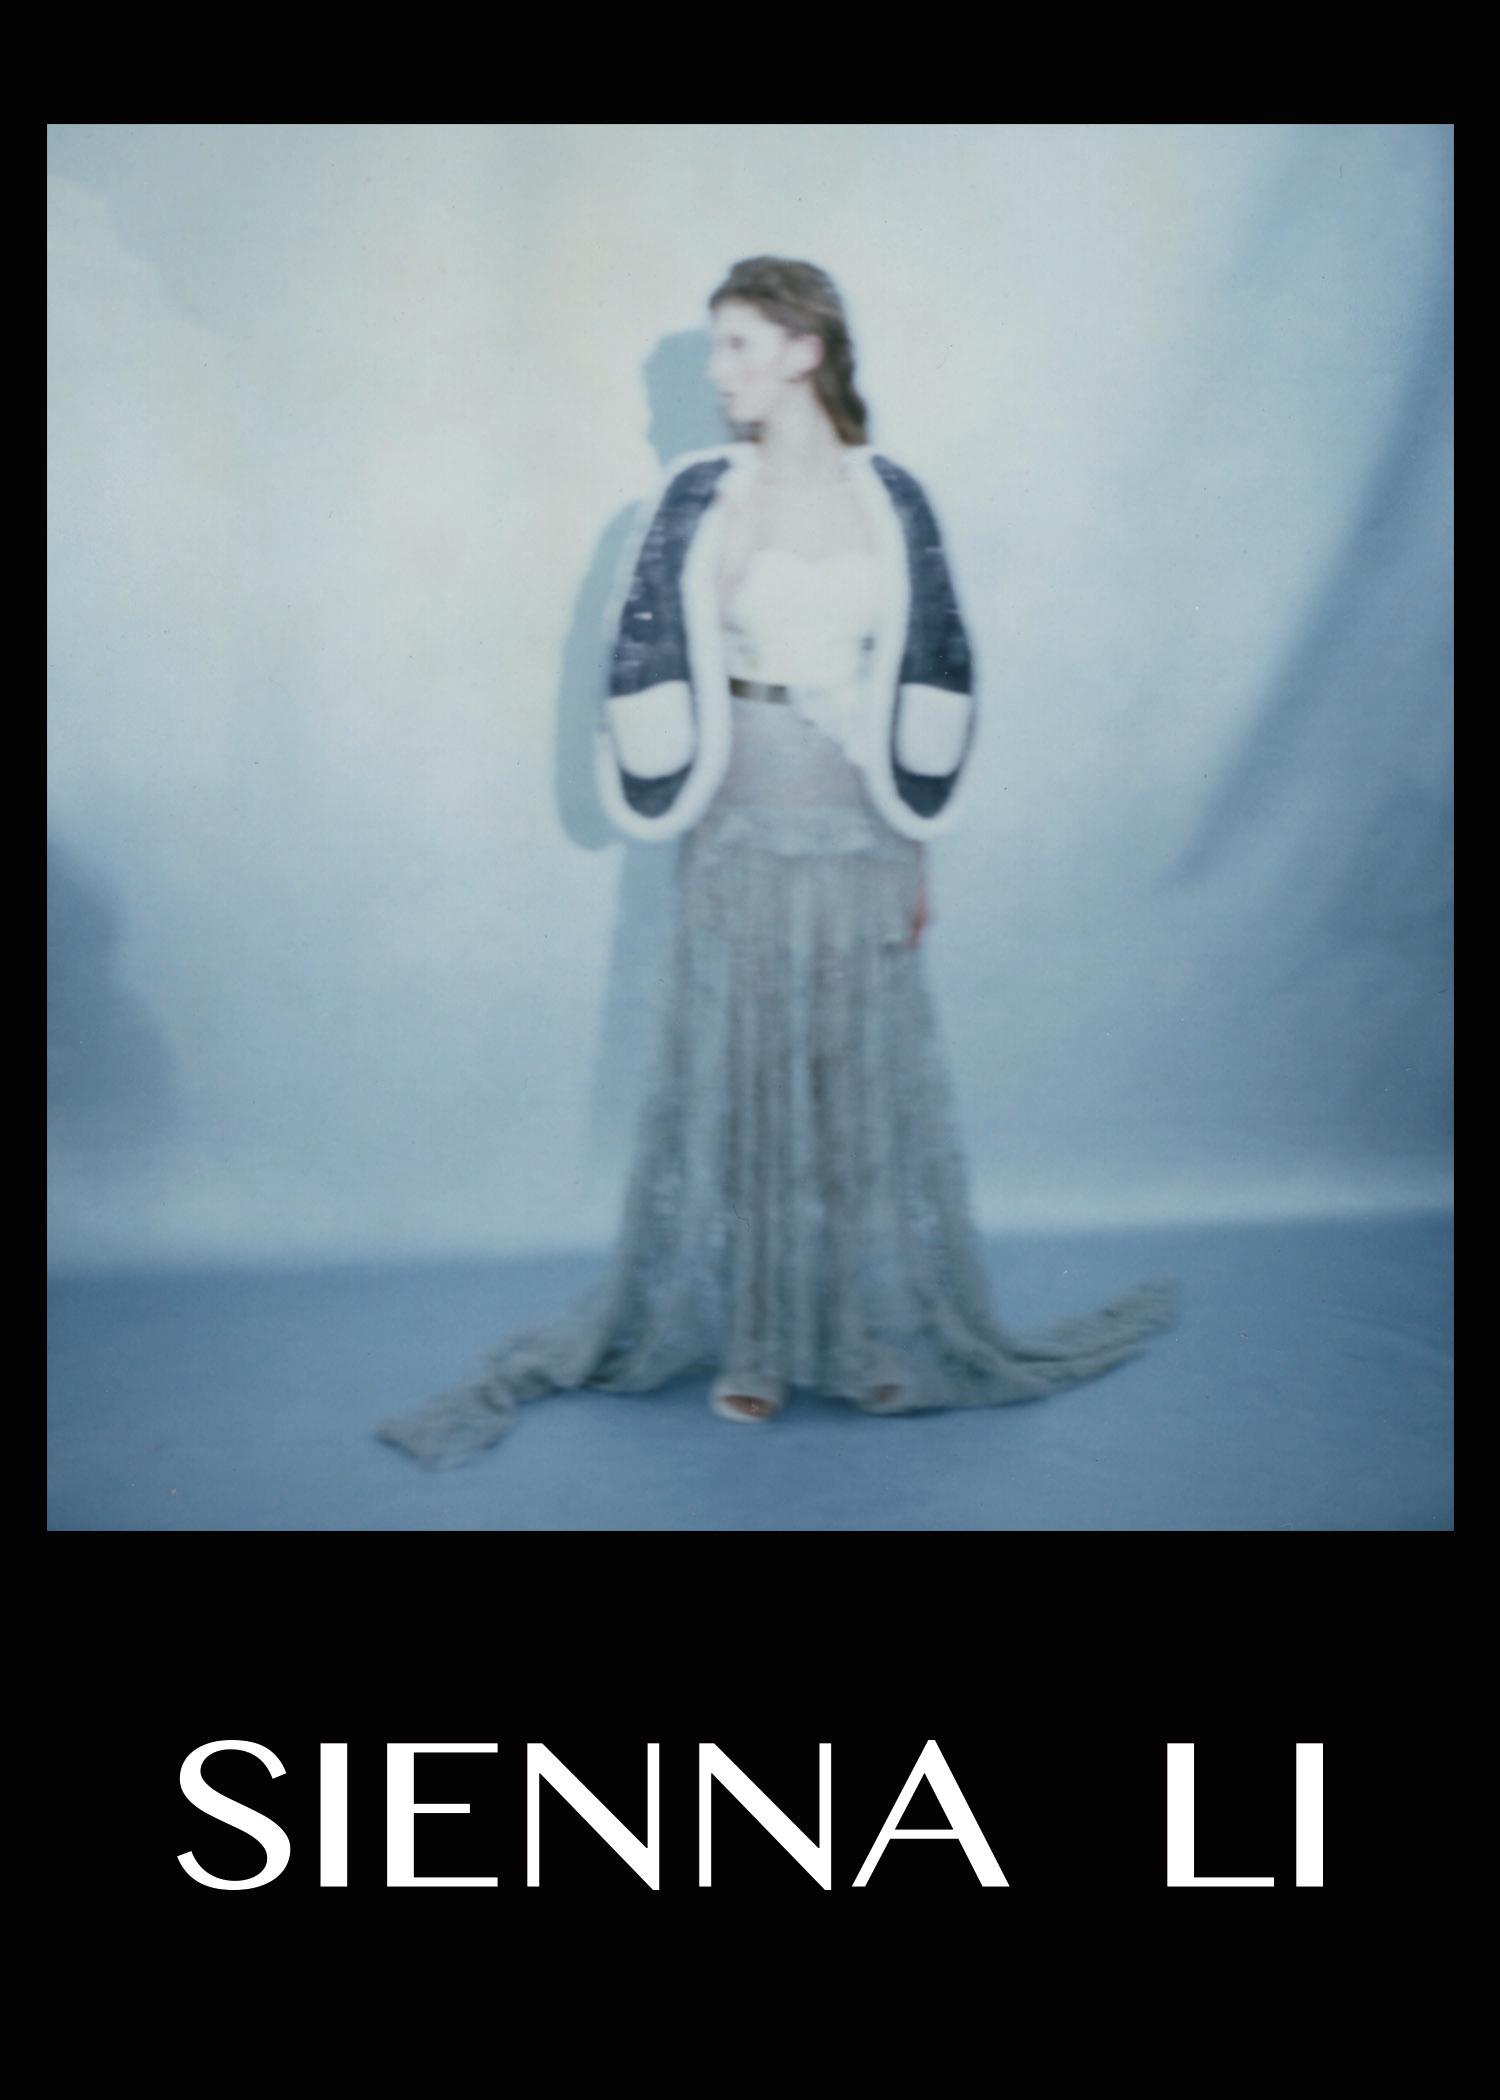 Sienna Li Fall / Winter 2017